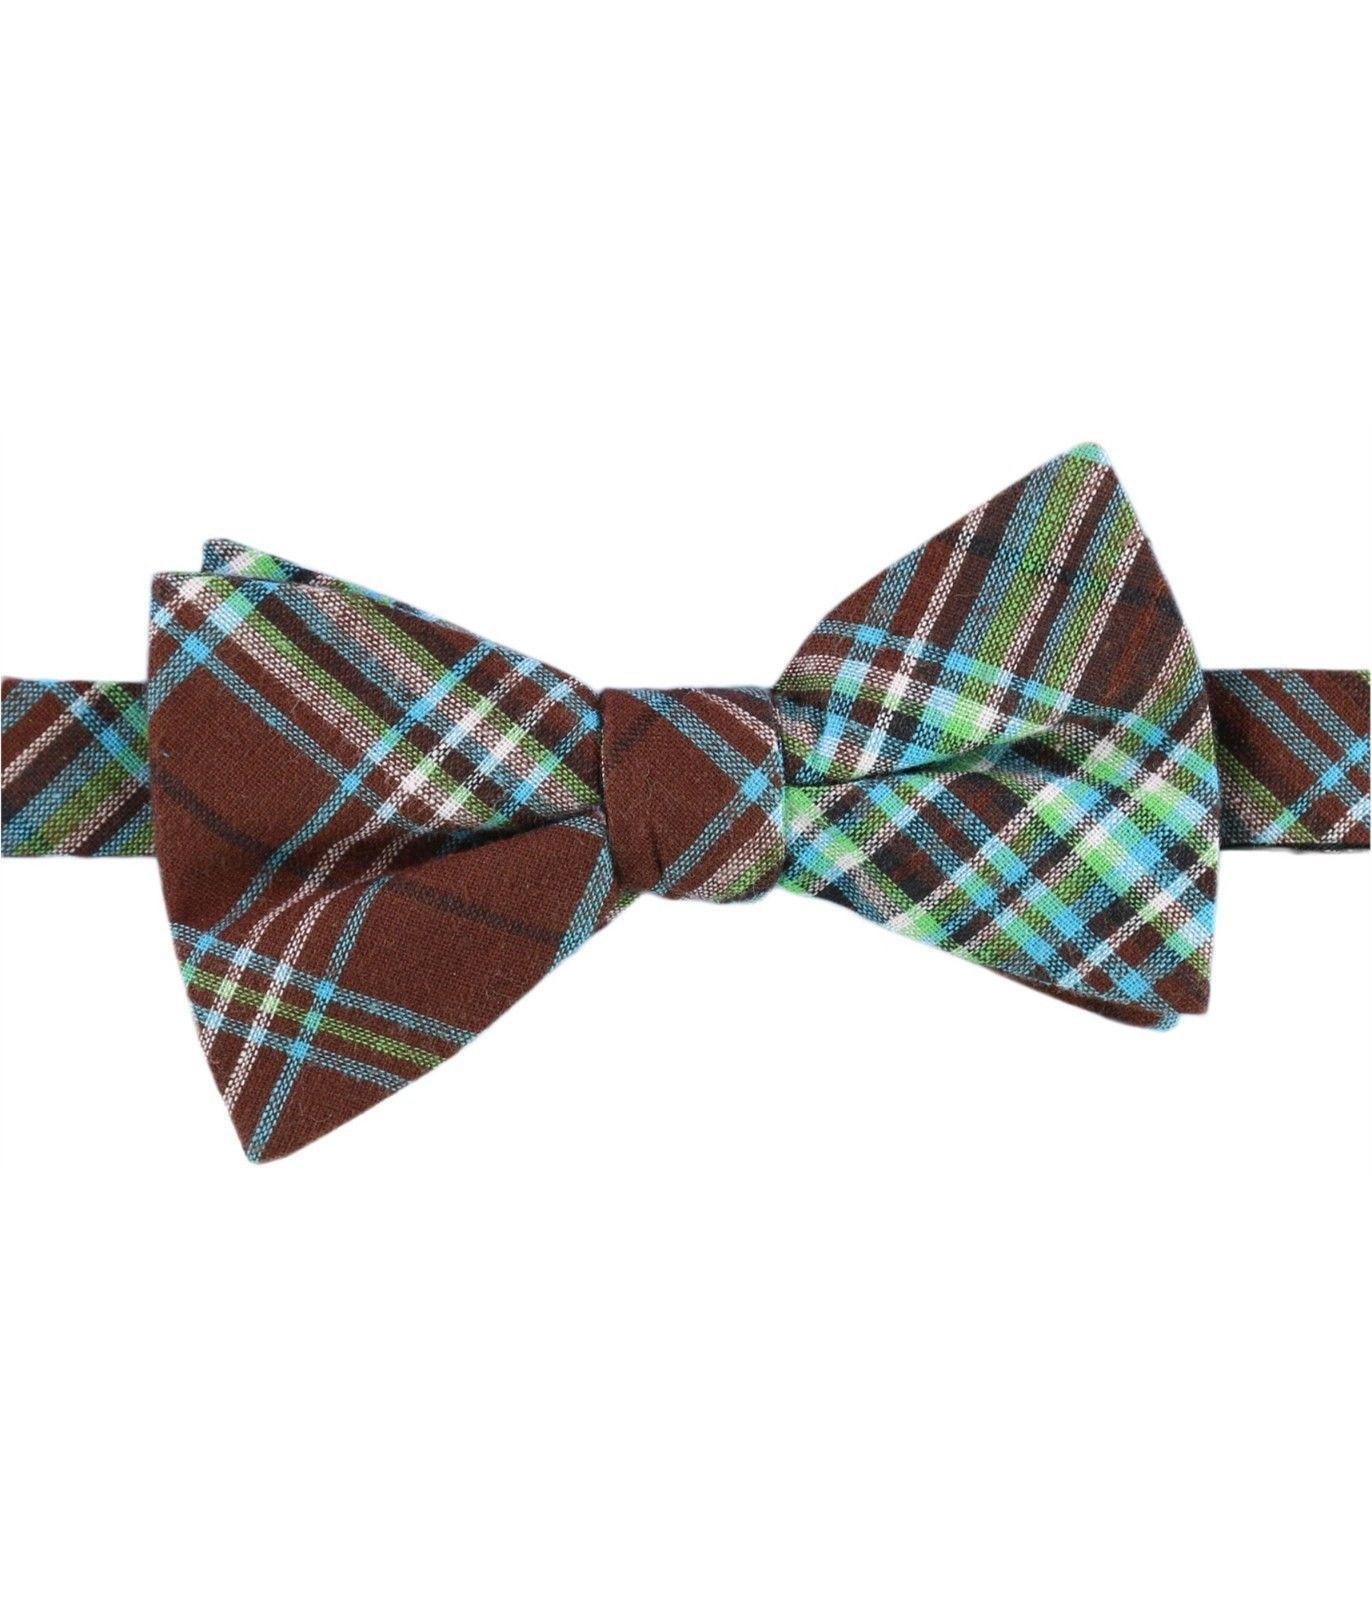 Countess Mara Plaid Bow Tie Brown/Multi